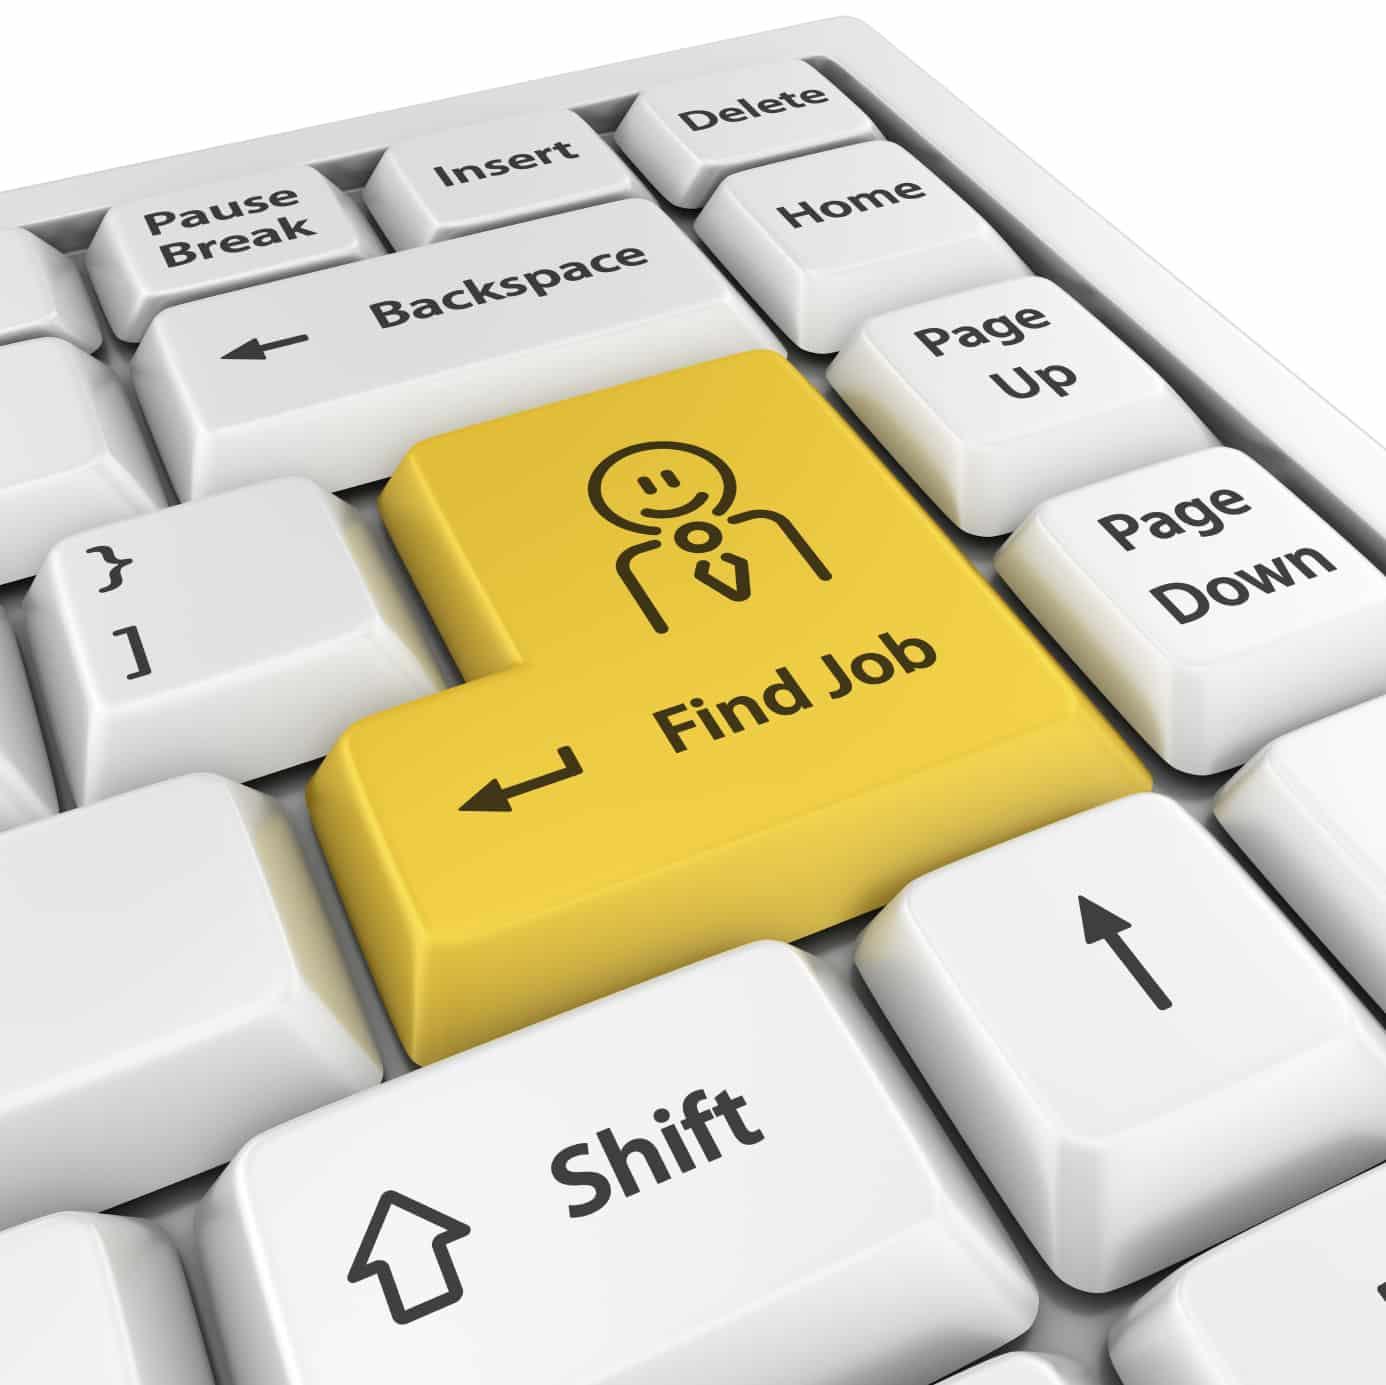 Find-Jobs1 5 خطوات للحصول على وظيفة أحلامك باستخدام التكنولوجيا الحديثة